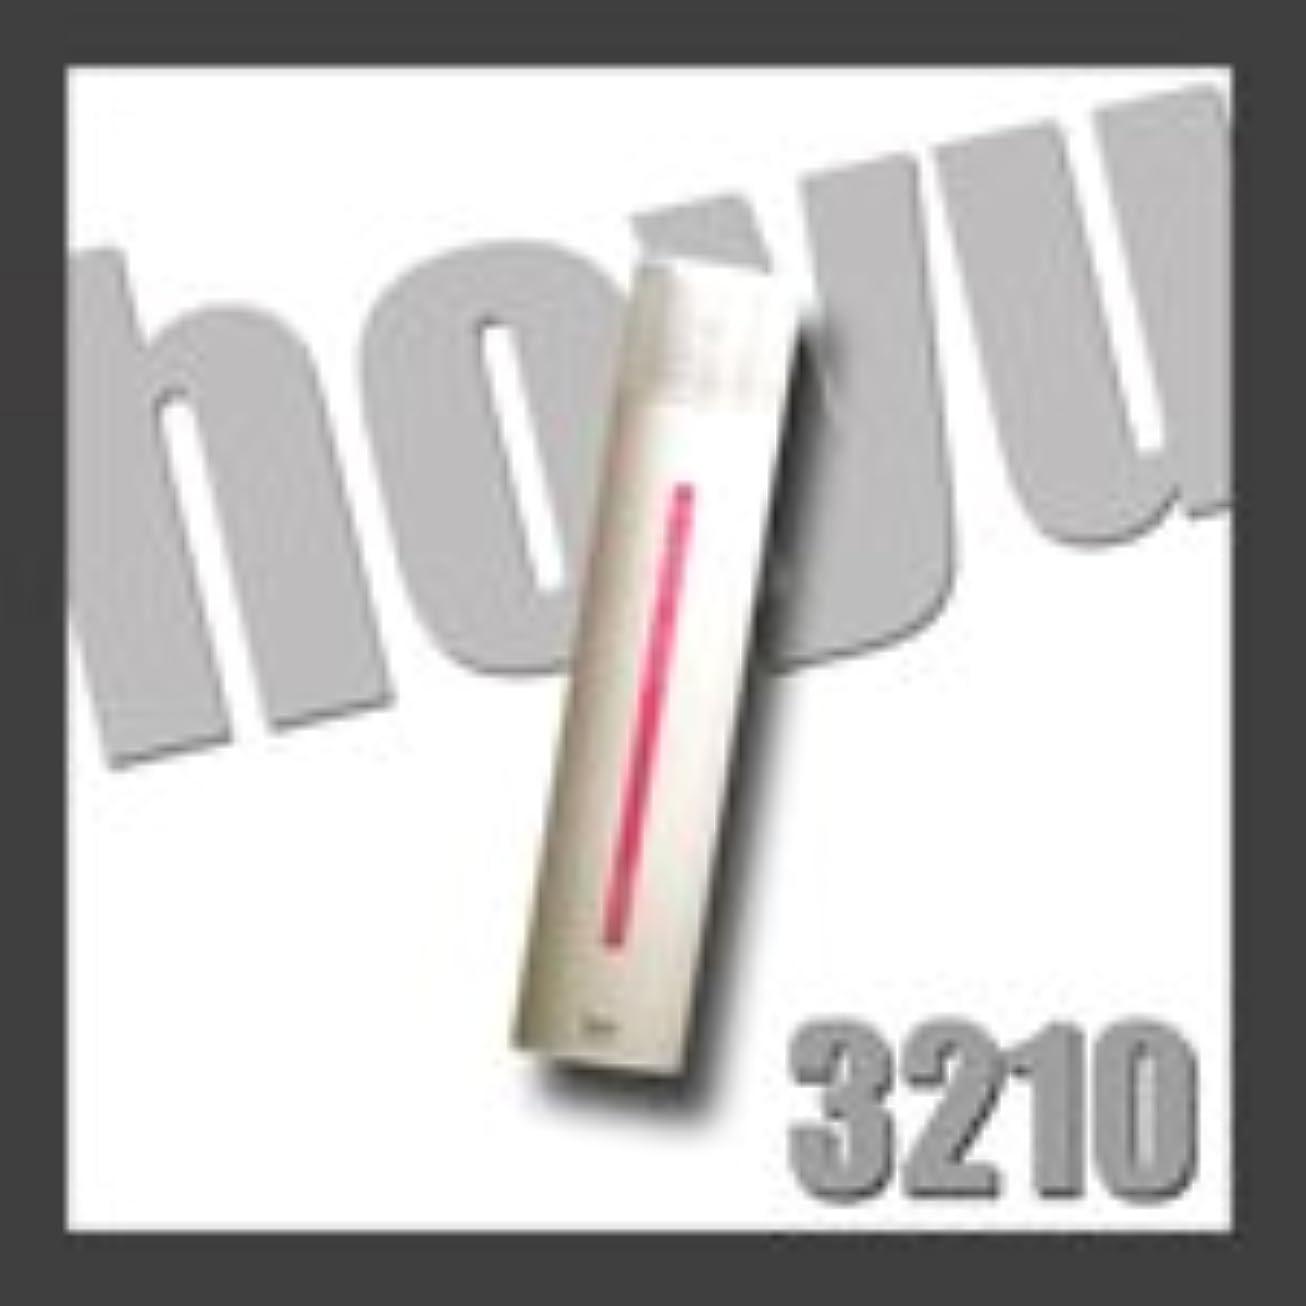 お金刑務所膨らませるHOYU ホーユー 3210 ミニーレ スプリール スタイリングスプレー HF ハードフィックス 180g